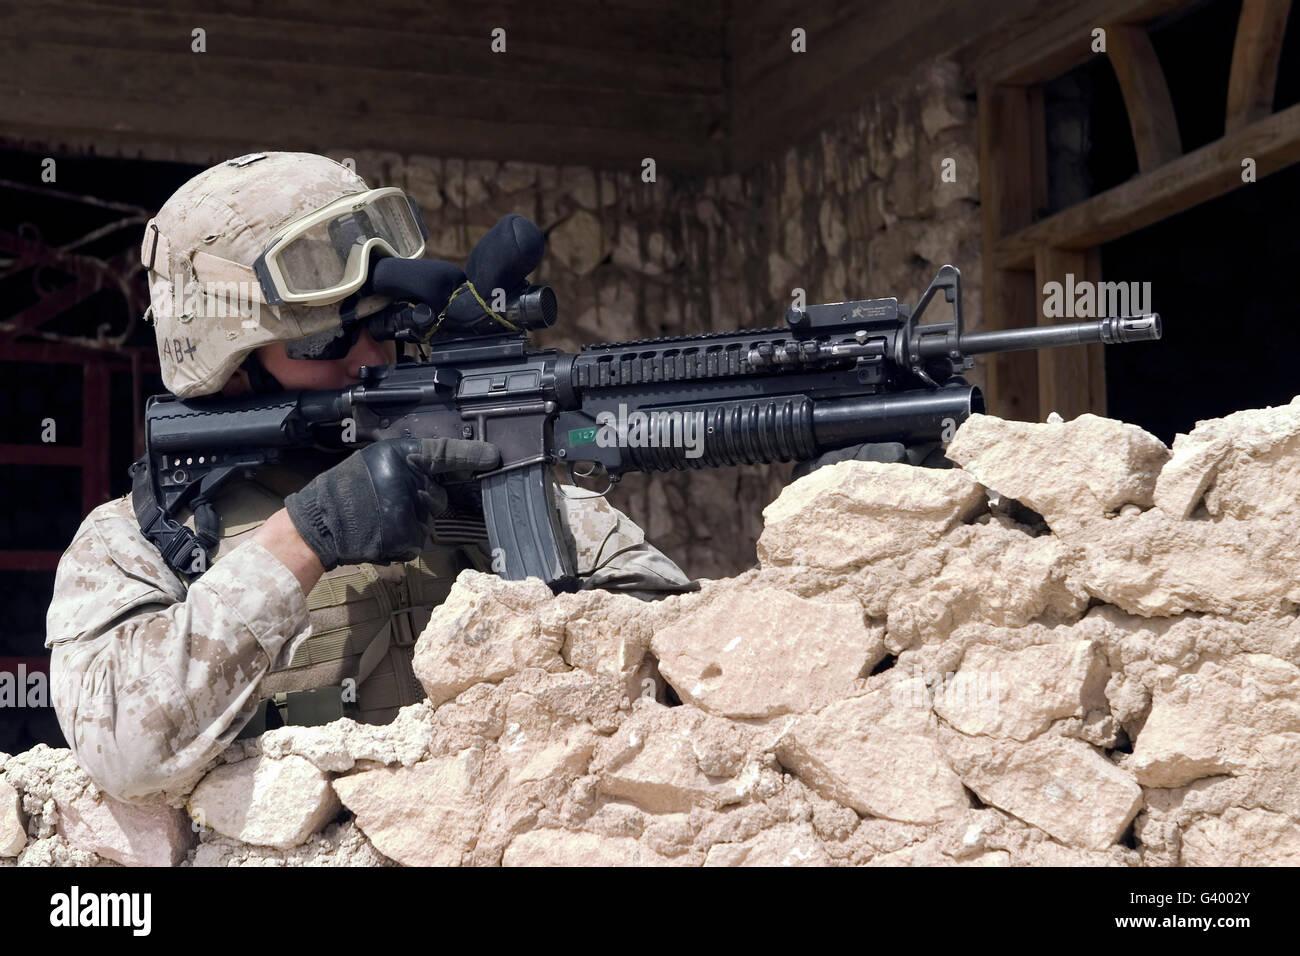 US-Marine die Sicherheit im Rahmen einer Präsenz-Patrouille in Haditha, Irak. Stockbild